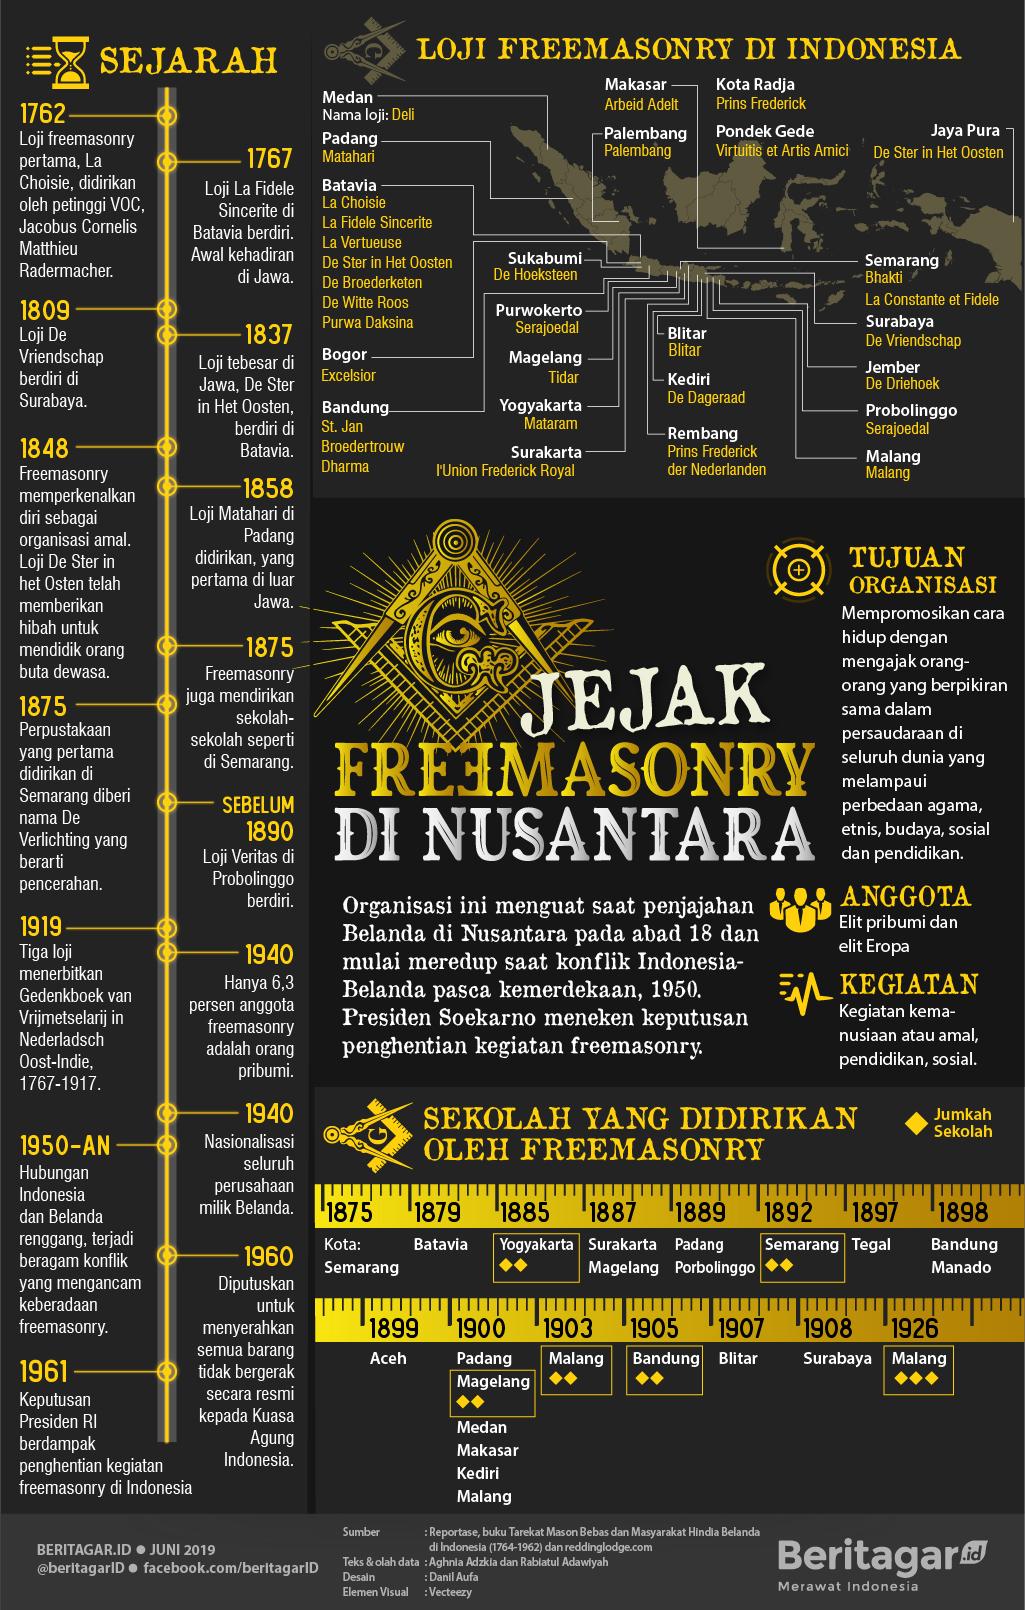 Infografis Jejak Freemason di Nusantara